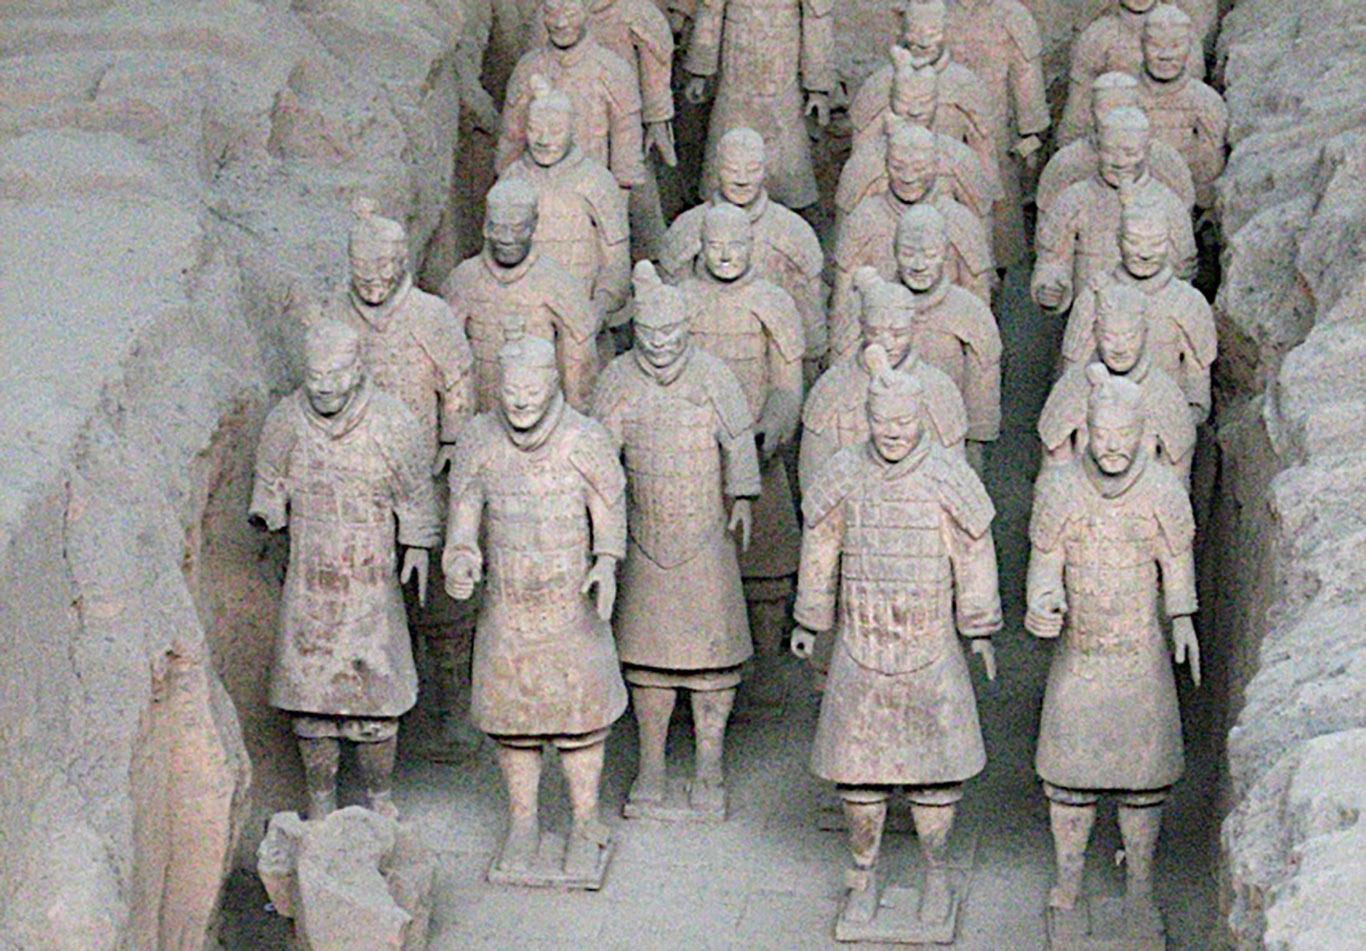 zeppelin esercito terracotta